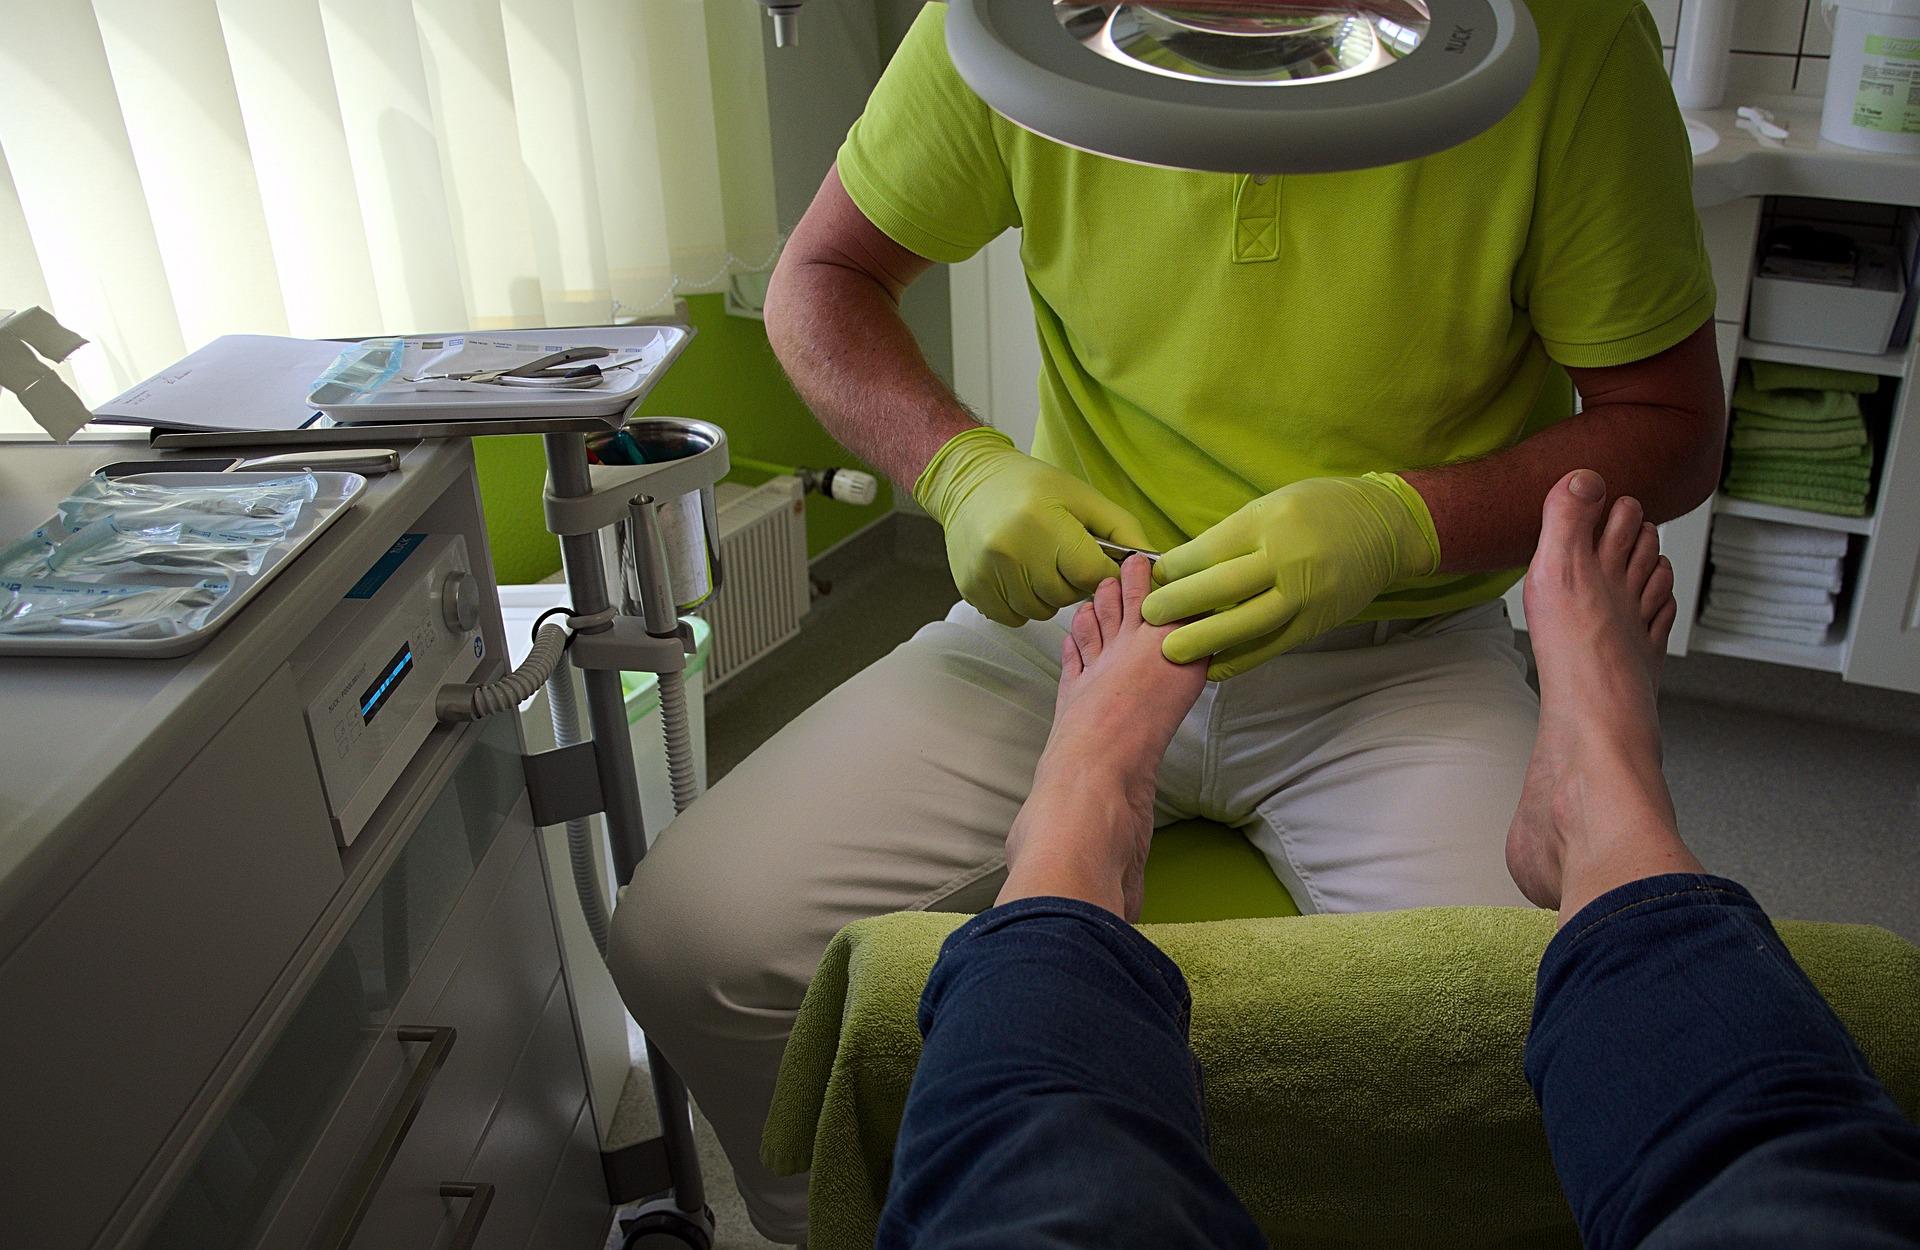 Podólogo cuidando do pé de cliente.